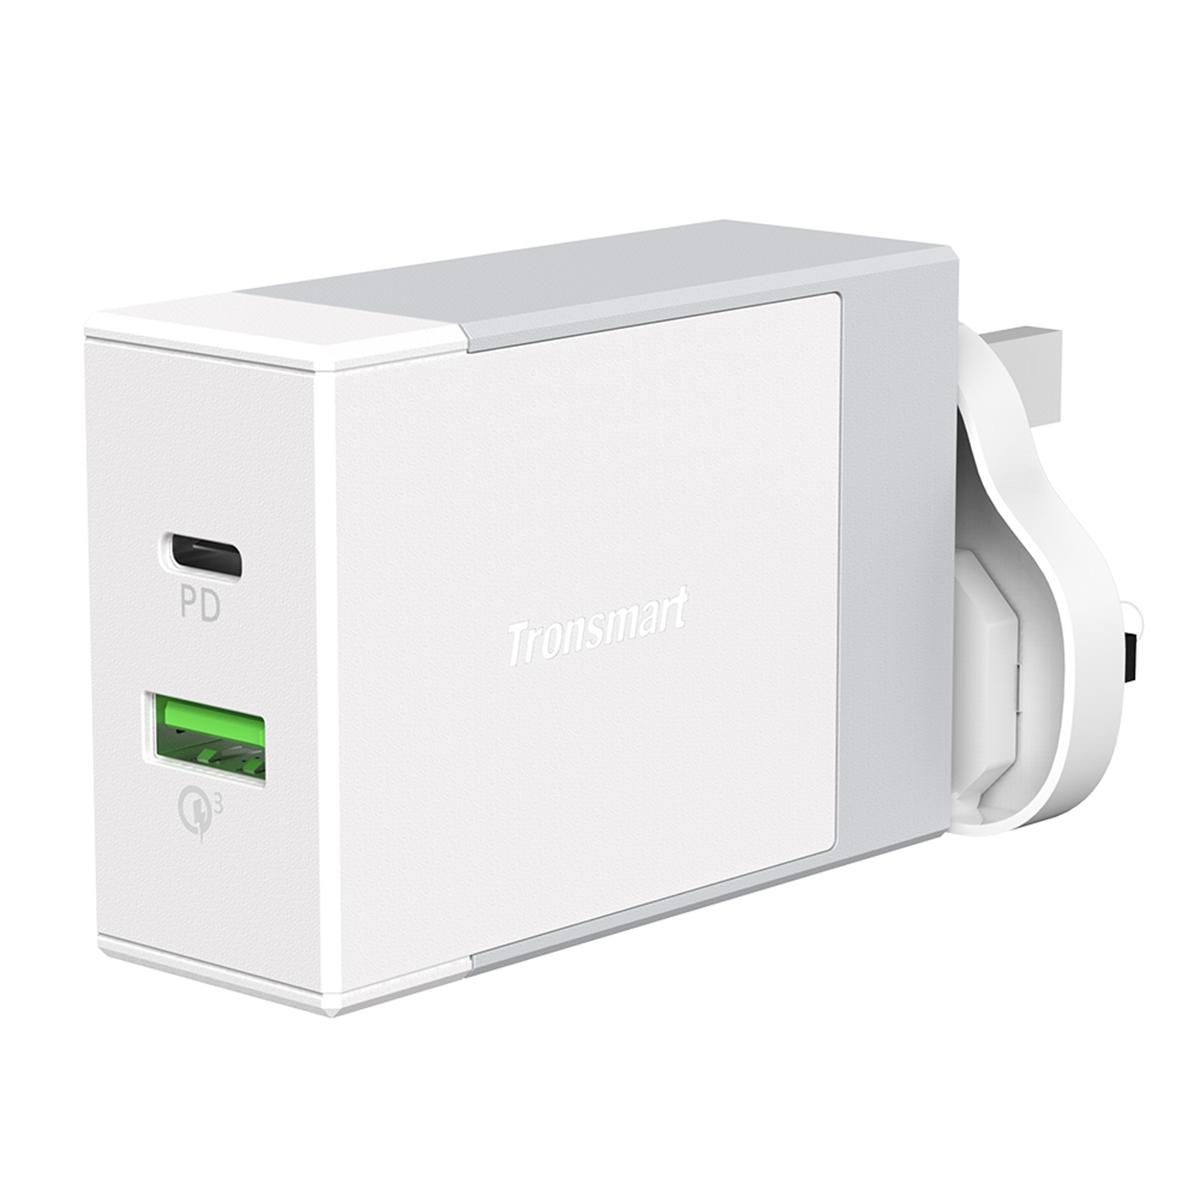 W2DT USB PD Wall Charger 100-240V US/UK/EU Plug USB Charger Plug